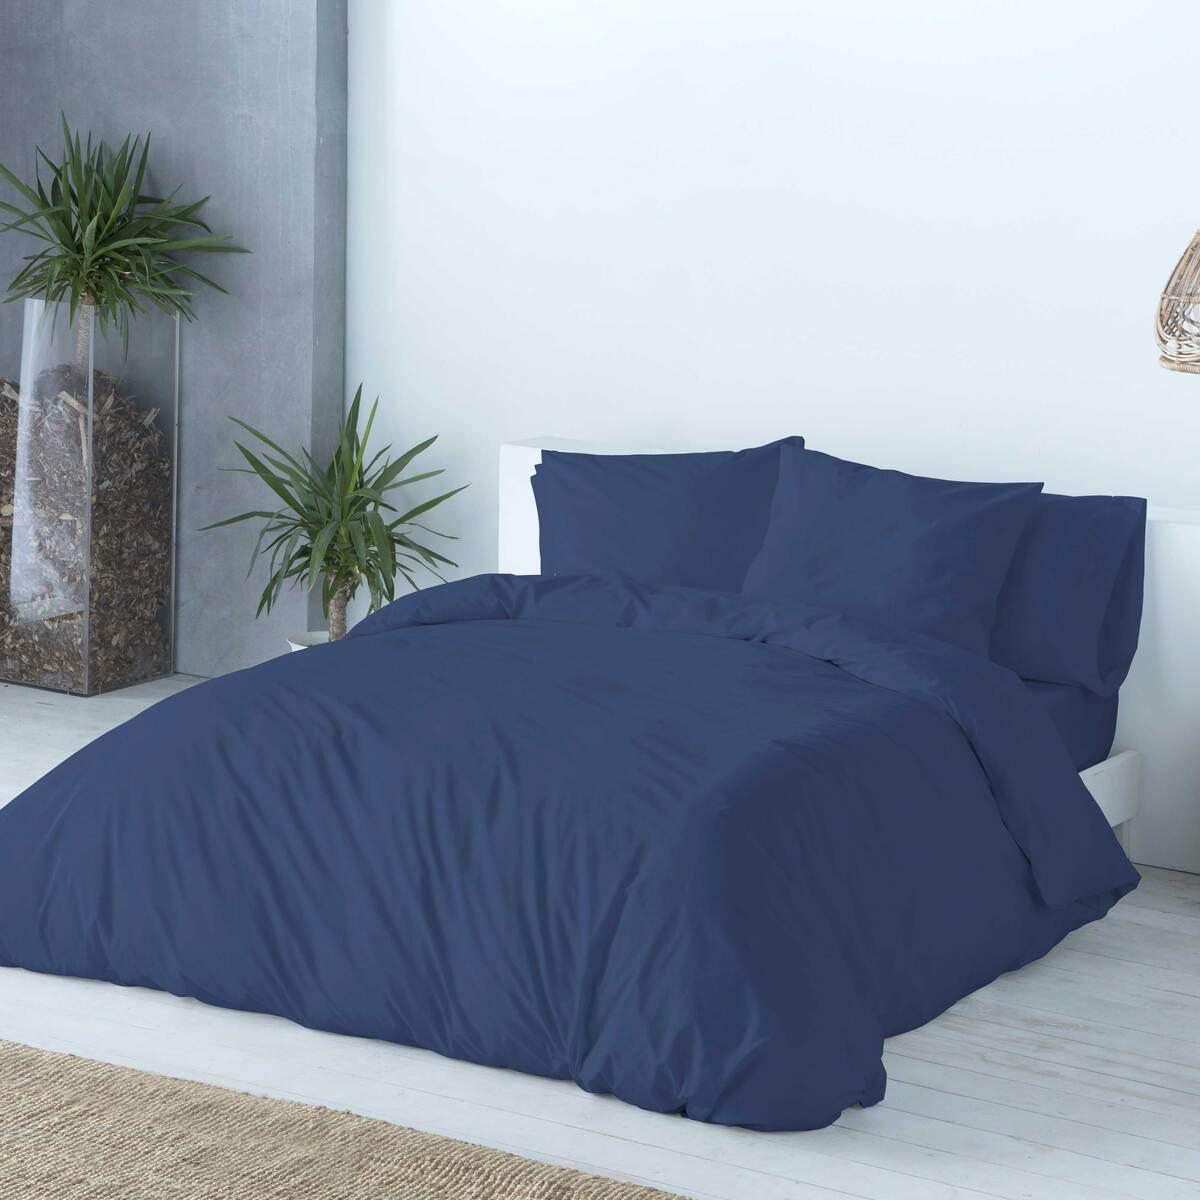 Housse de couette en coton bicolore réversible 140x200